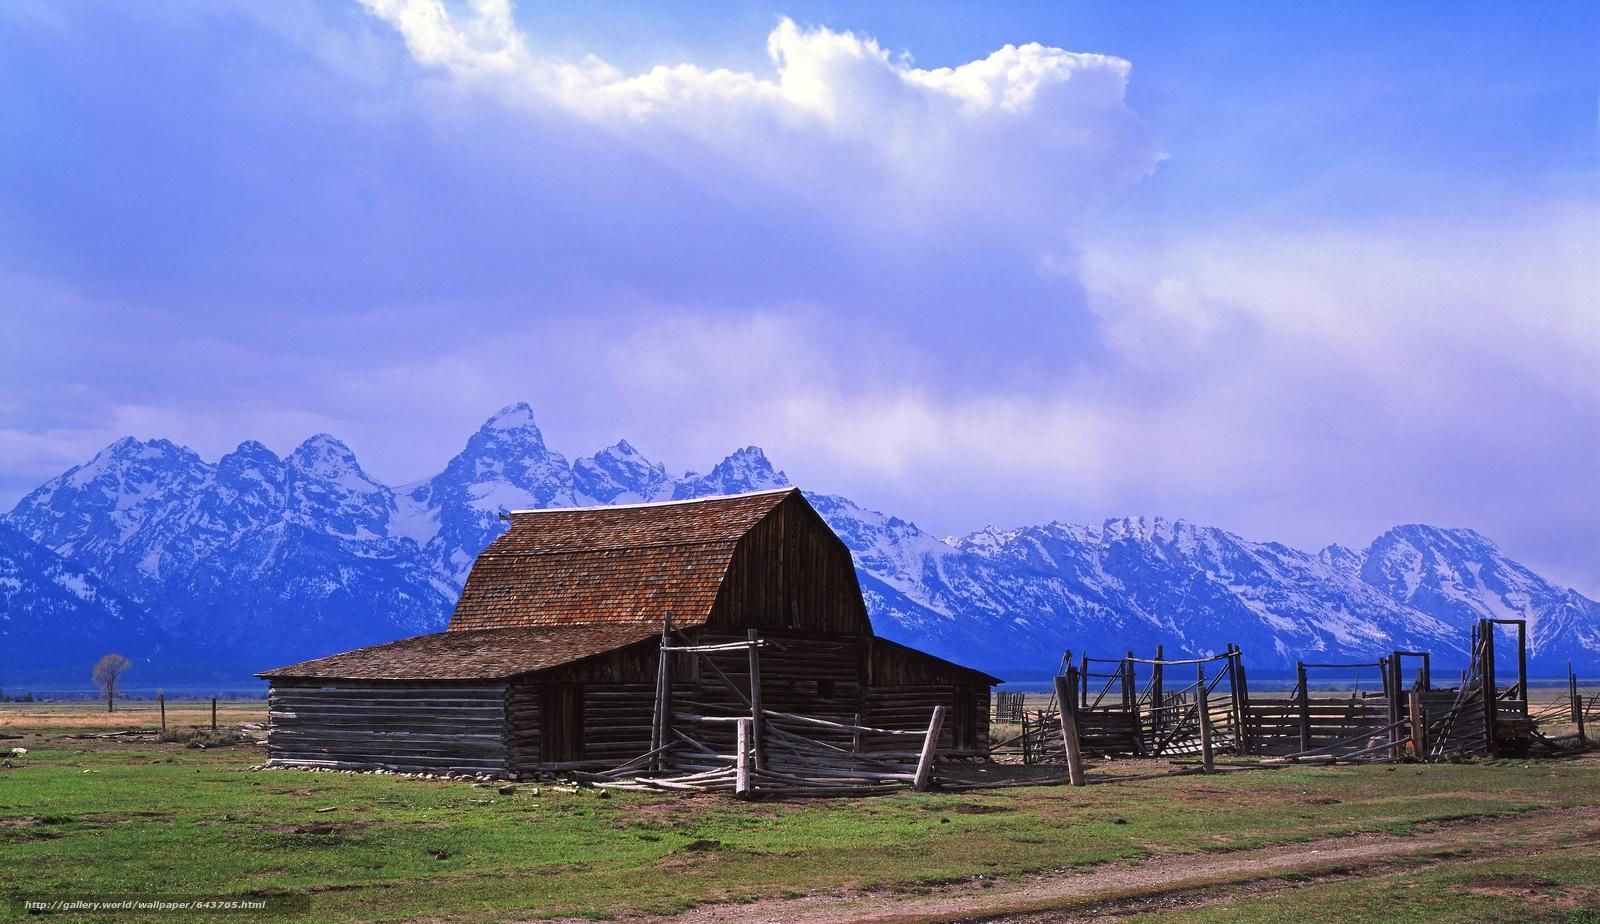 Скачать обои Thomas Moulton Barn,  Mormon Row,  Grand Teton National Park,  хижина бесплатно для рабочего стола в разрешении 7524x4346 — картинка №643705